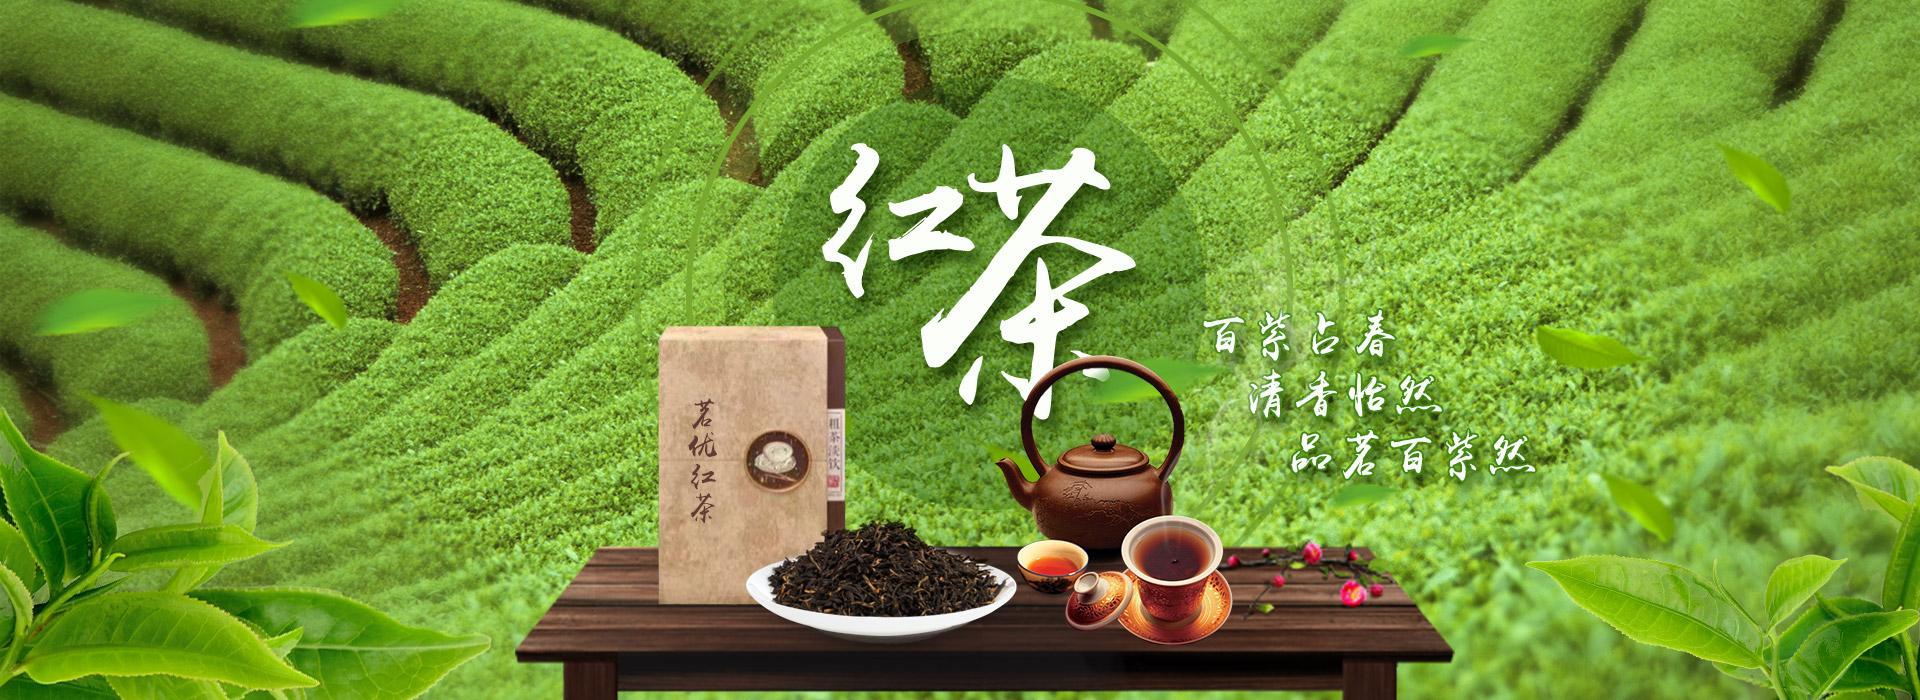 AG亚游官网紅茶